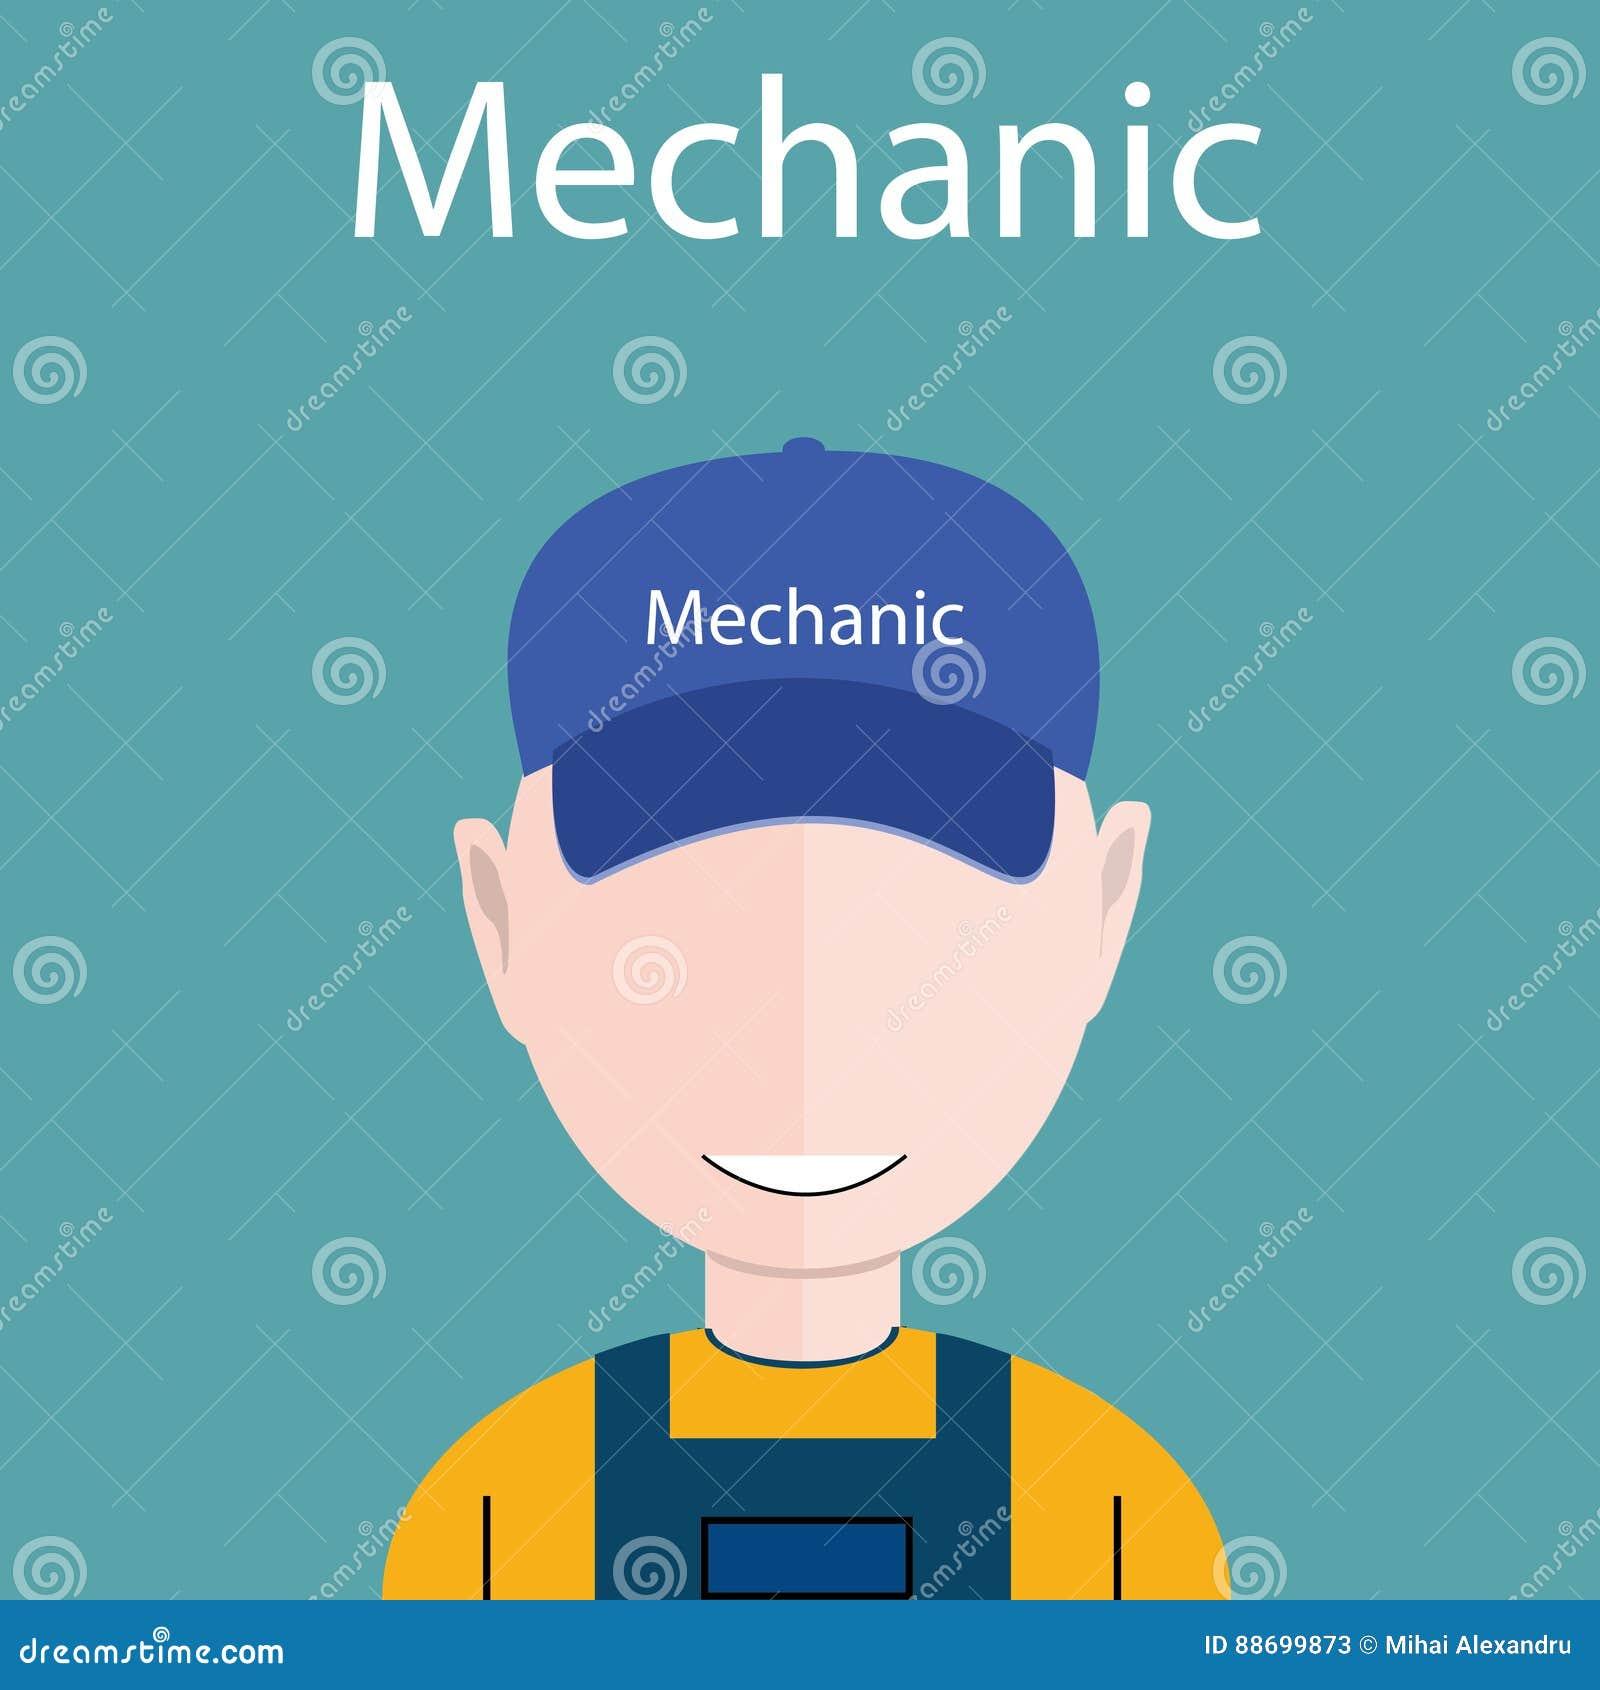 Ilustração lisa do vetor do avatar - ícone do mecânico ou do coordenador com o chapéu em sua cabeça, eps 10